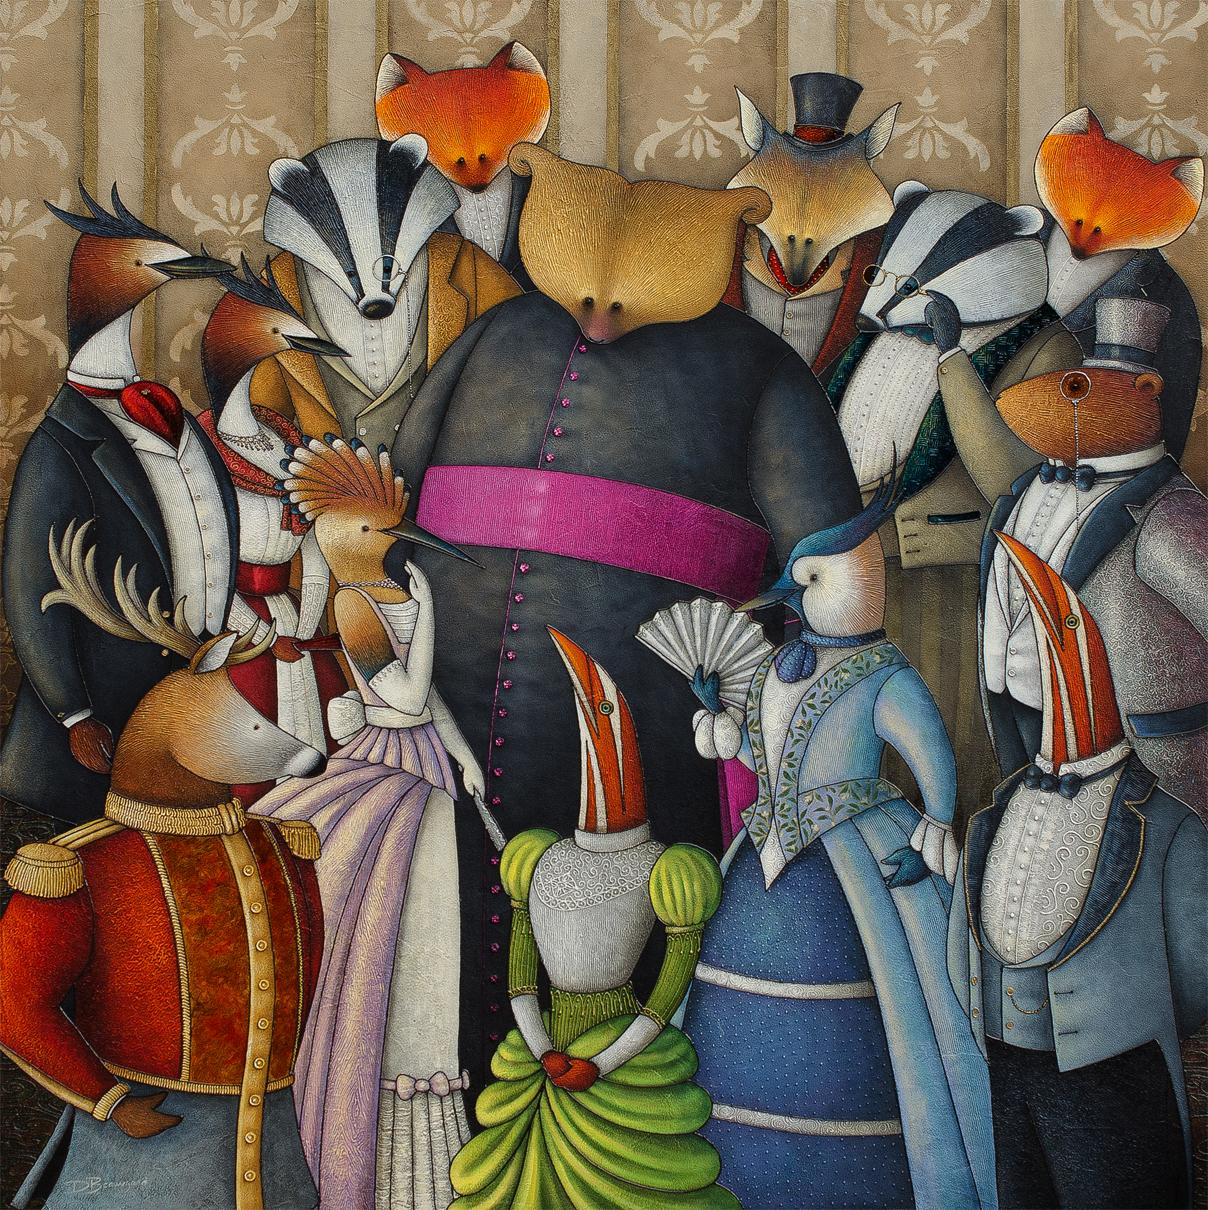 Peinture figurative illustrant le curé Labelle sous les traits d'un ours en soutane. L'ours est entouré de nombreux personnages richement vêtu : renard, belette, cerf, bécasse, pie, etc.